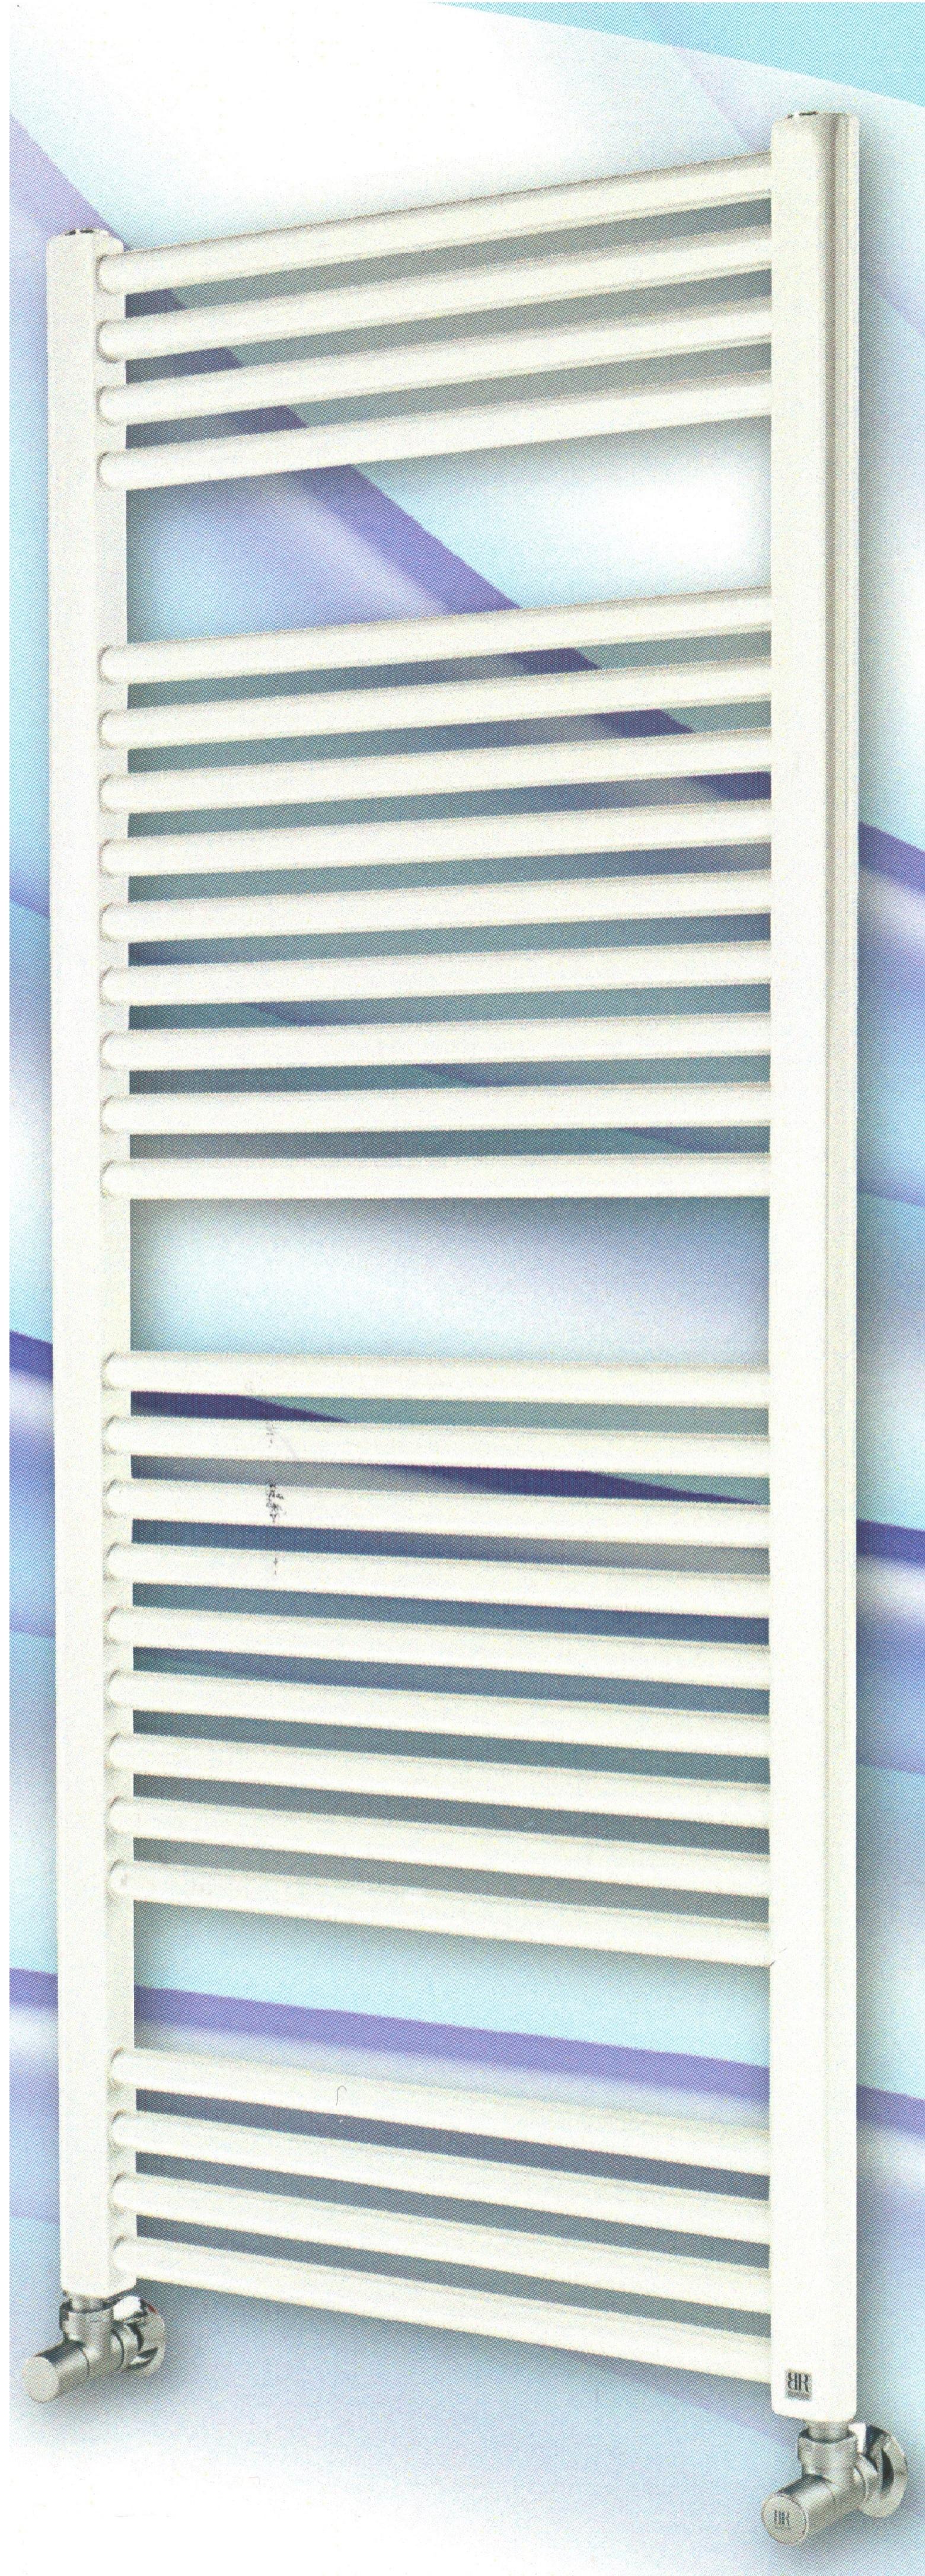 Radiatore scaldasalviette bianco 550x1400